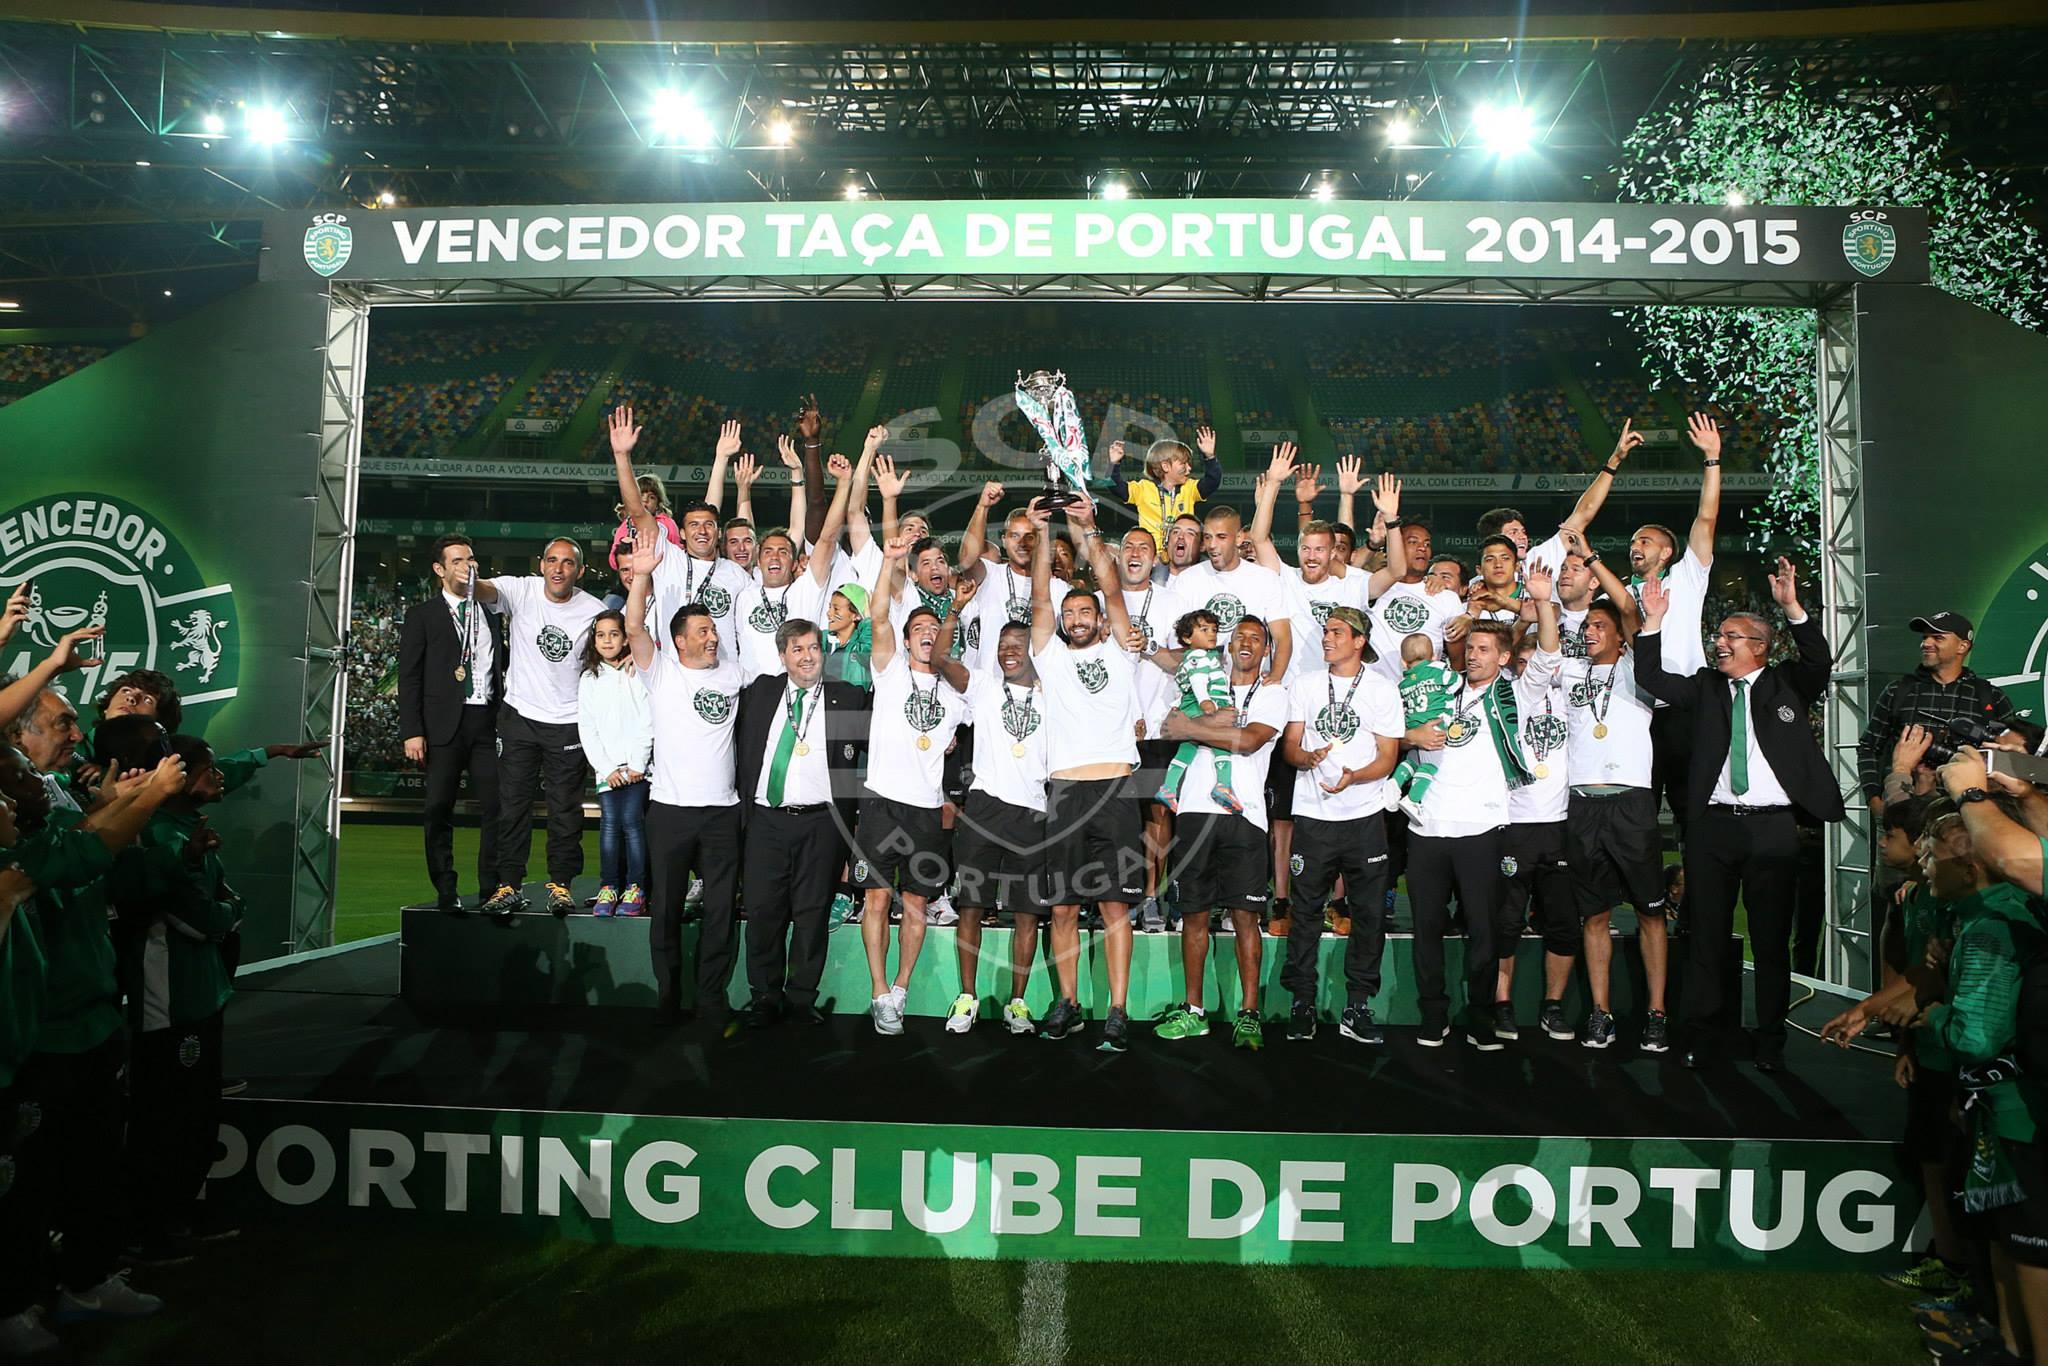 O estádio José de Alvalade estava a rebentar pelas costuras para receber a equipa após a conquista da Taça de Portugal Fonte: Facebook oficial do Sporting Clube de Portugal